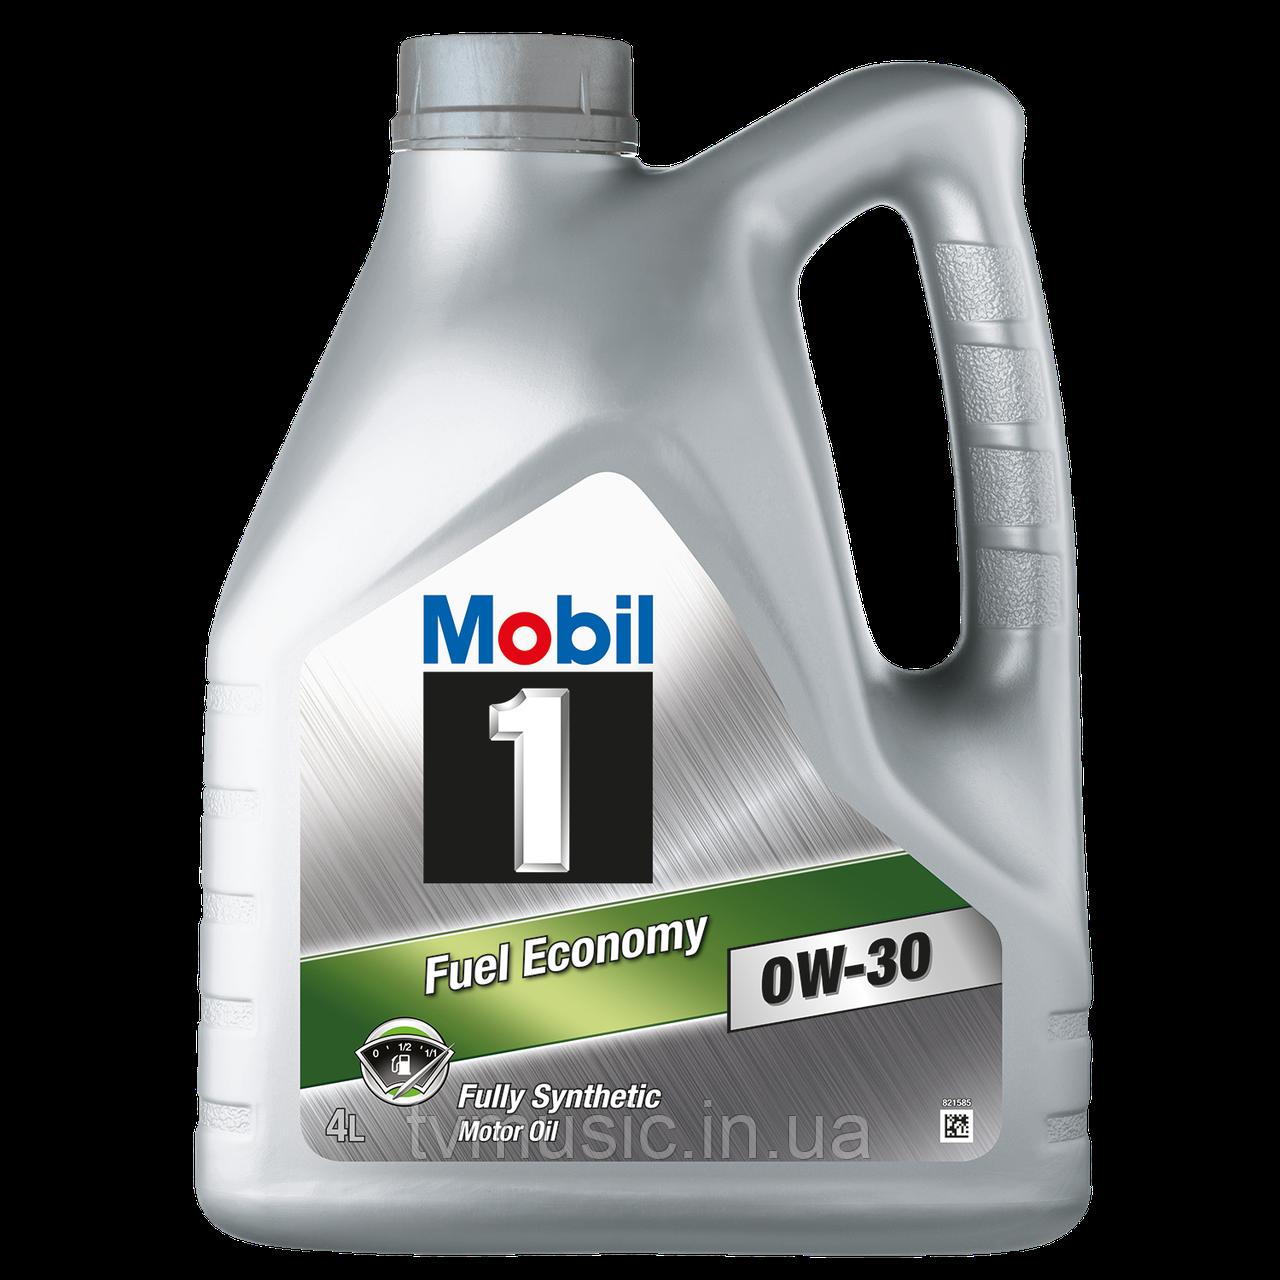 Масло моторное Mobil 1 Fuel Economy 0W-30 4 литра